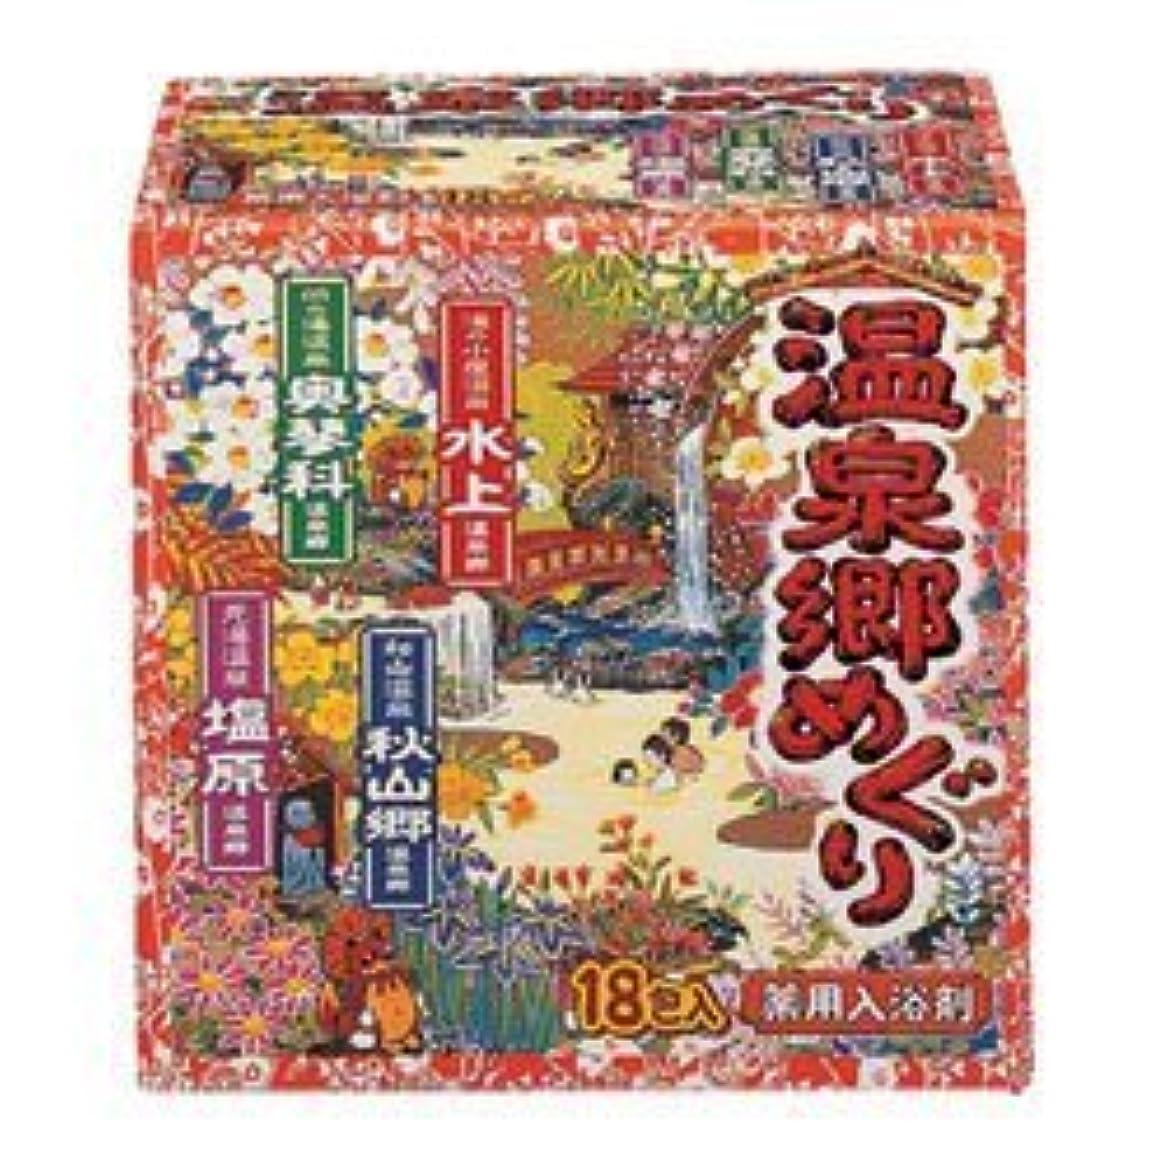 放棄された浴室津波【アース製薬】温泉郷めぐり 入浴剤 18包入 ×5個セット